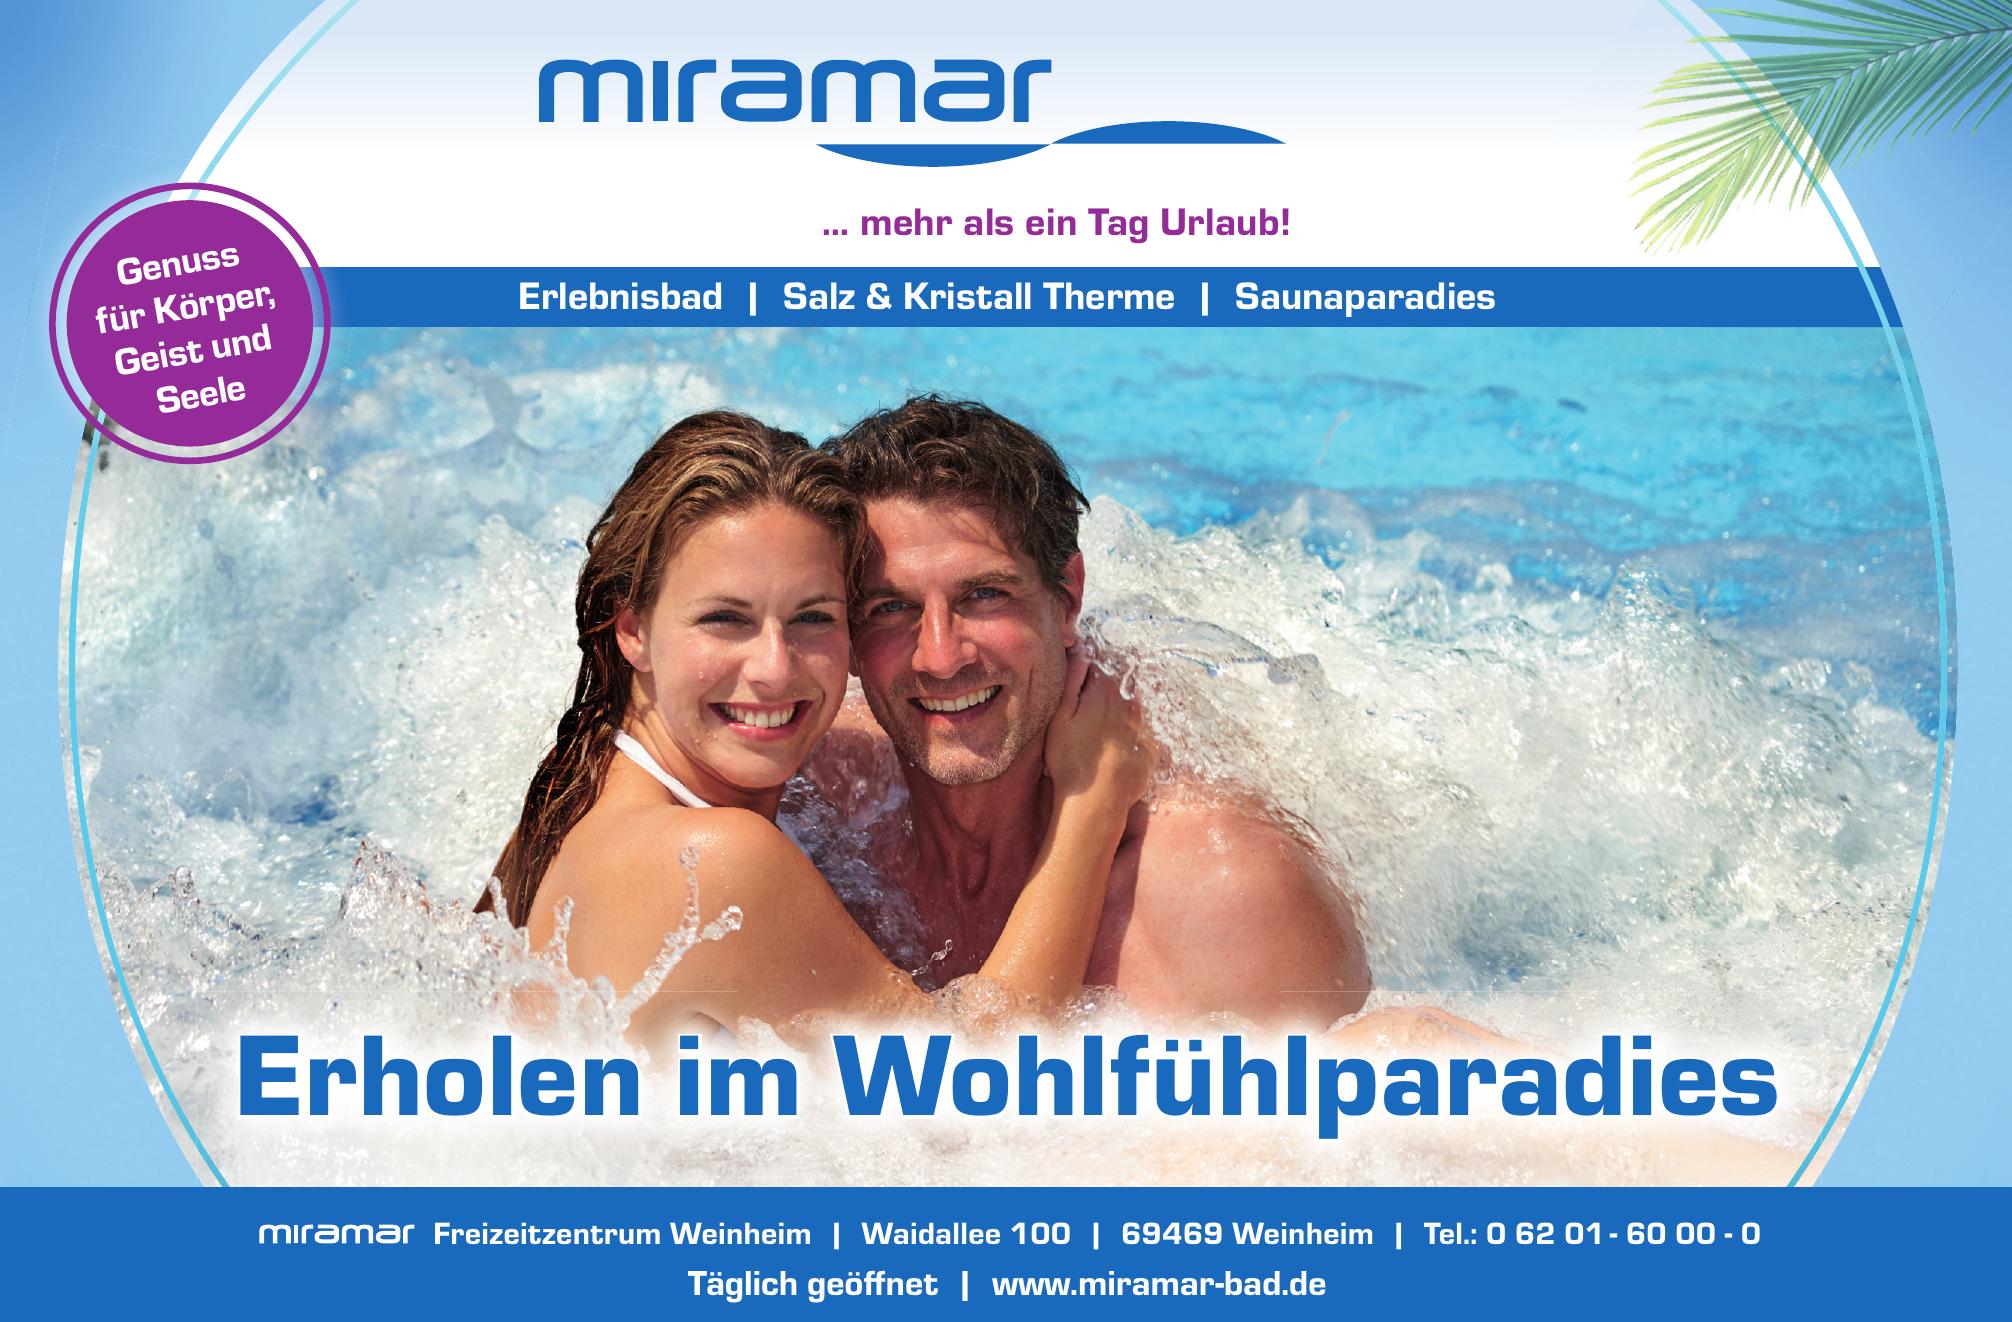 miramar Freizeitzentrum Weinheim